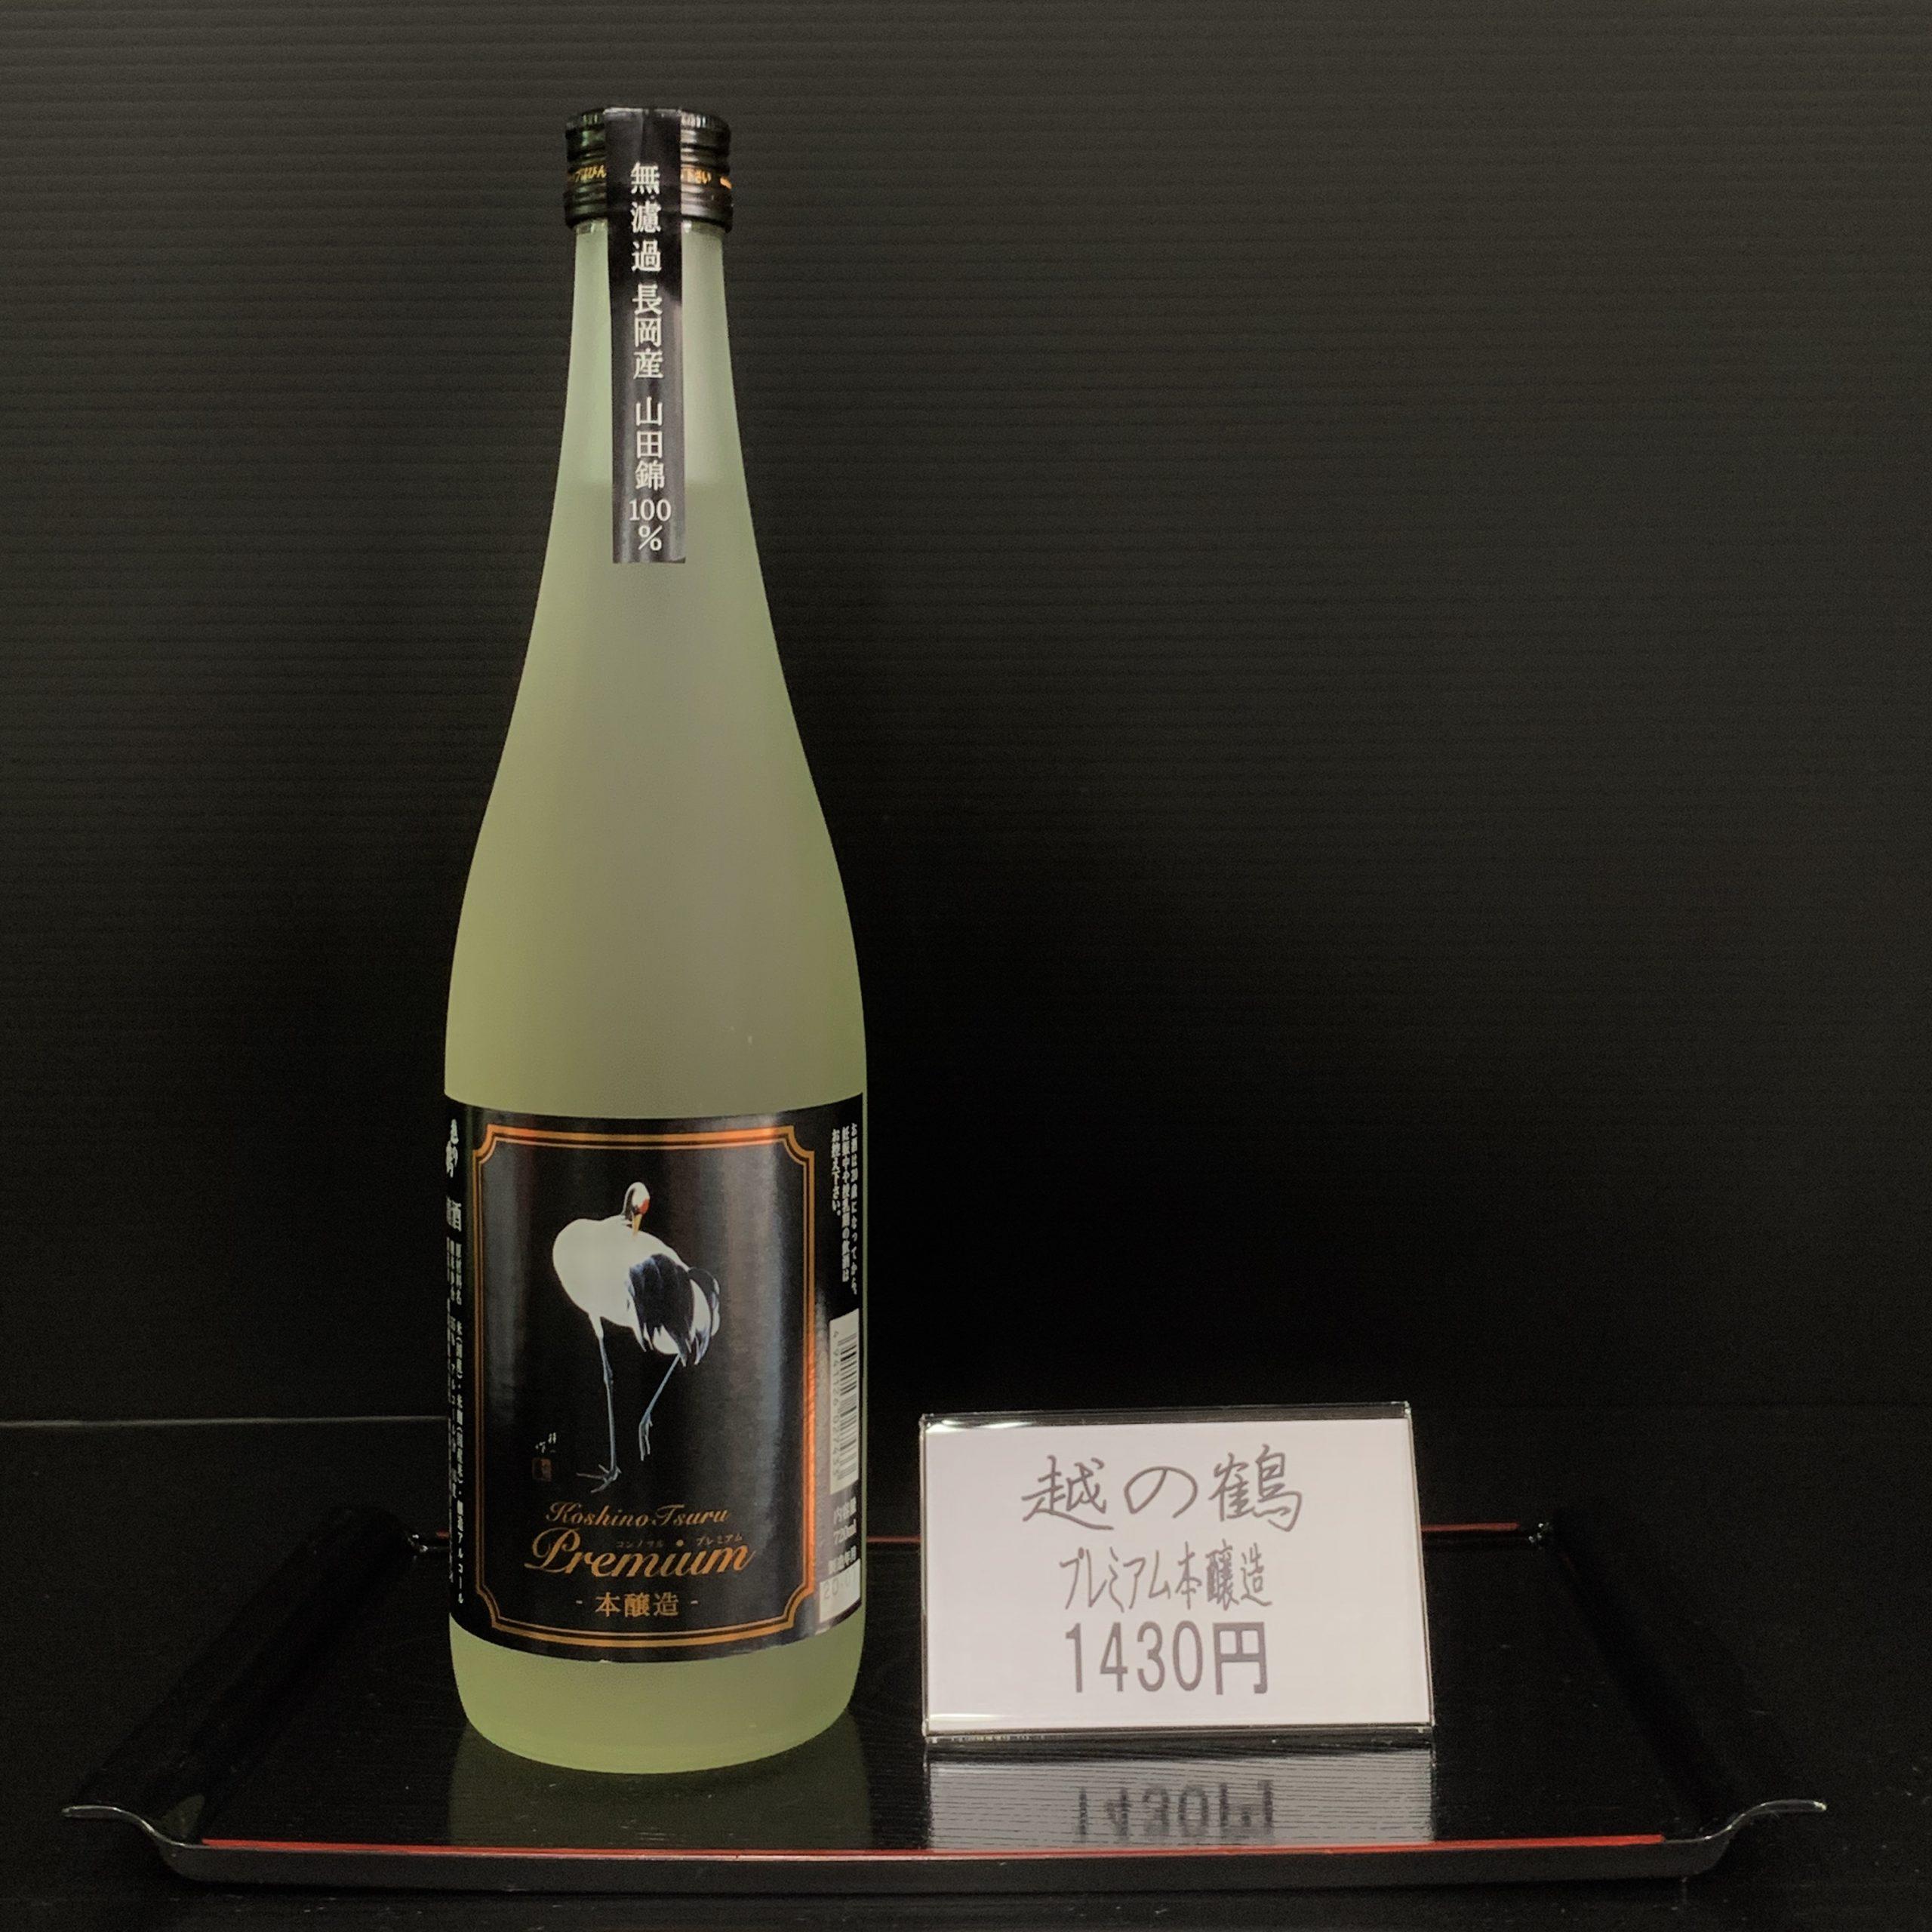 越の鶴プレミアム本醸造